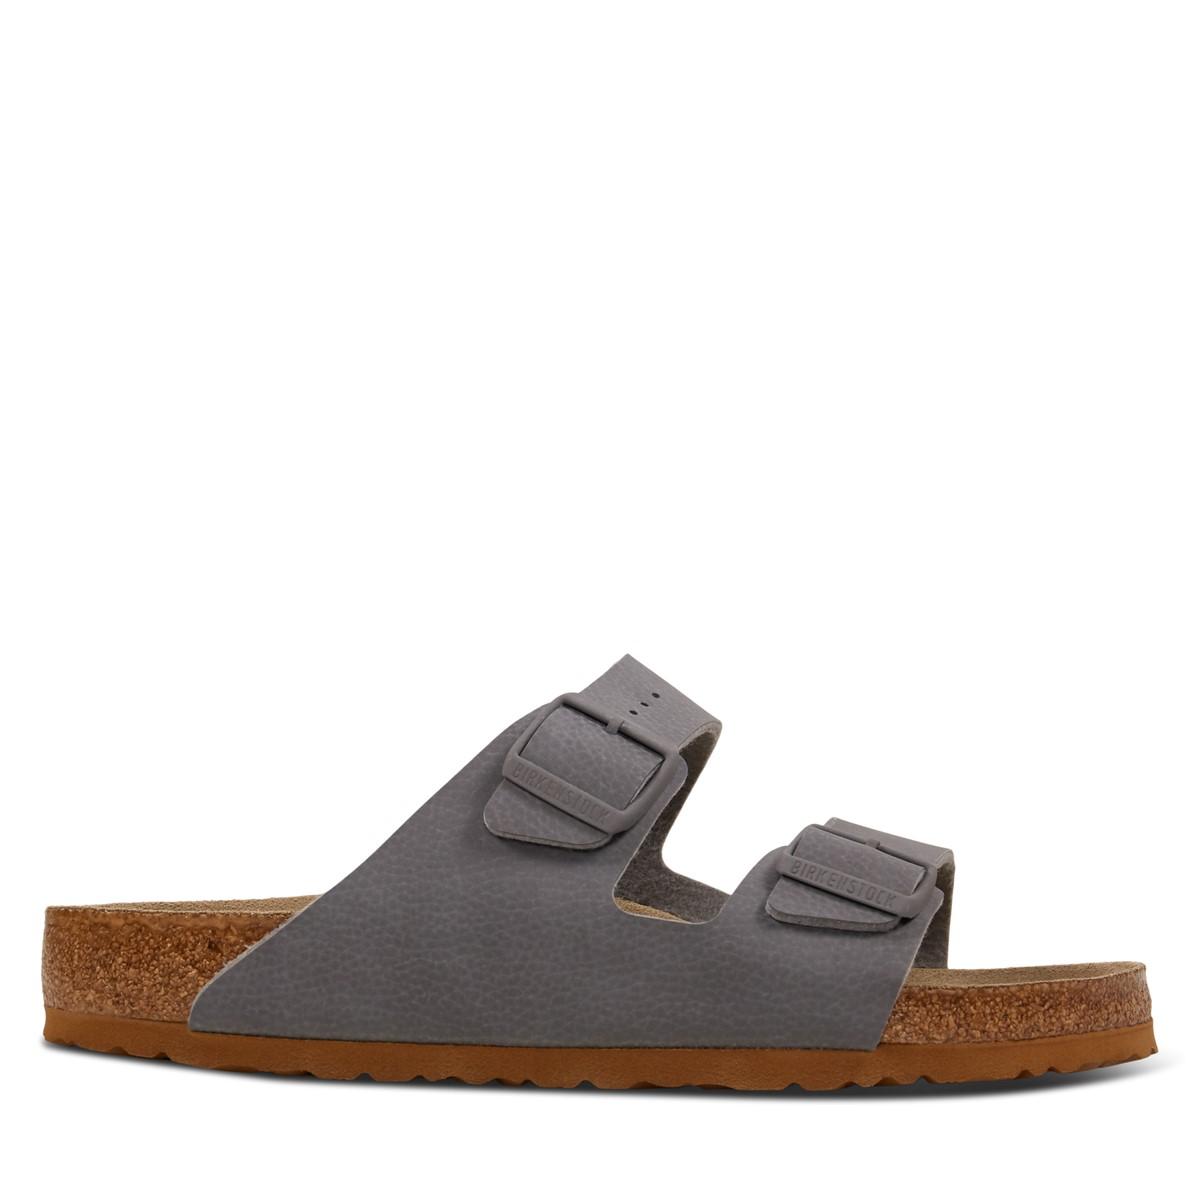 Men's Arizona Sandals in Grey